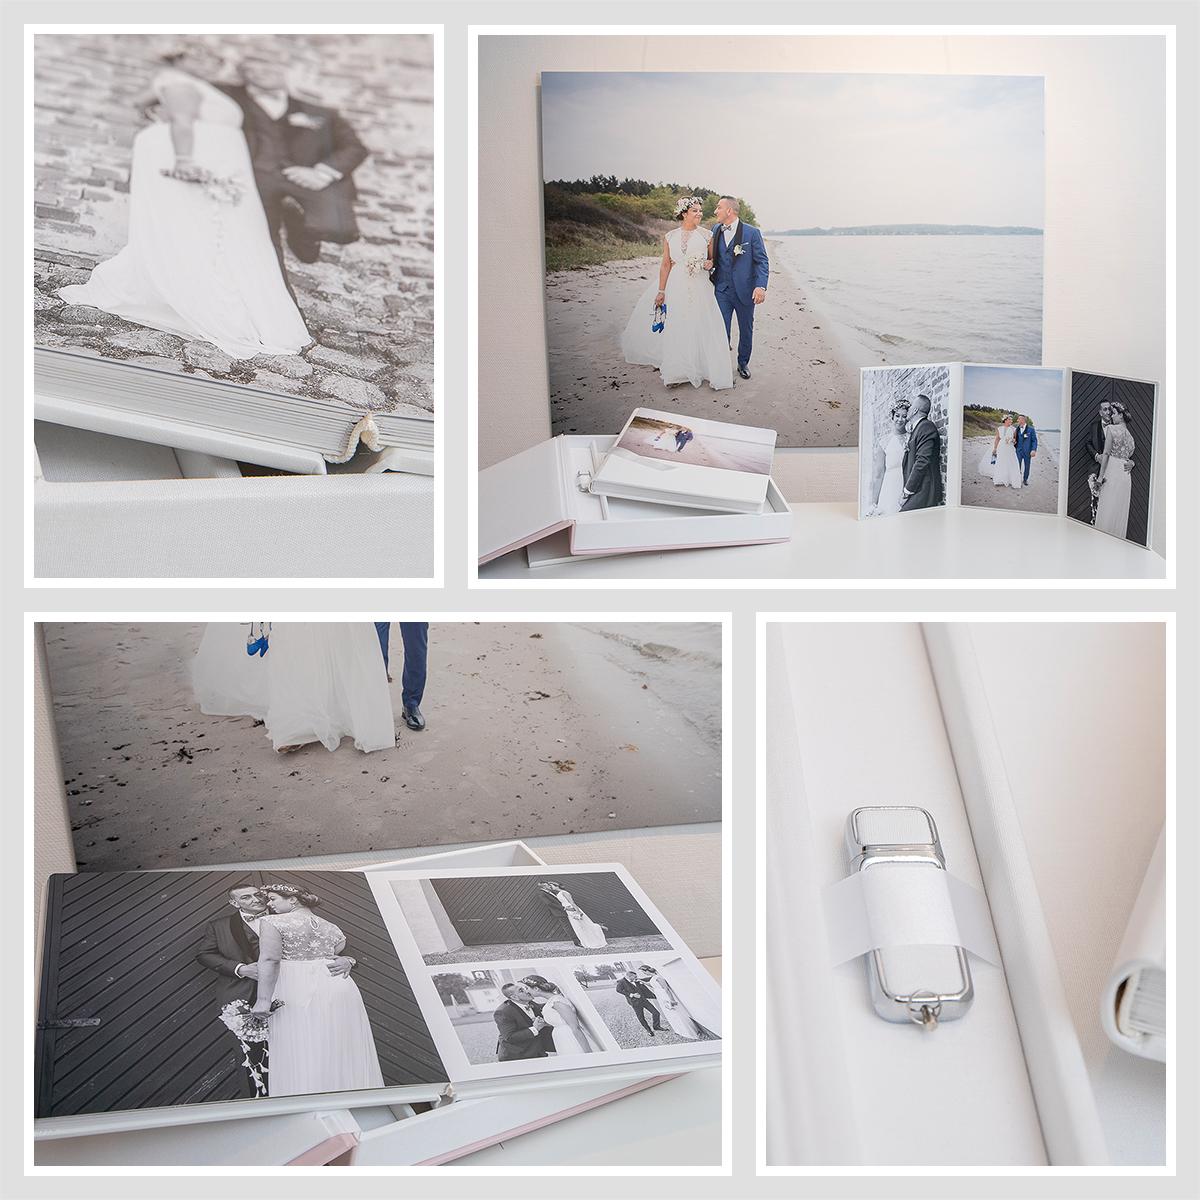 Pinkstudio by Angelina Devine album-lille Vind for 15.000 kr bryllupsfotografering Bryllup Nyheder Tilbud